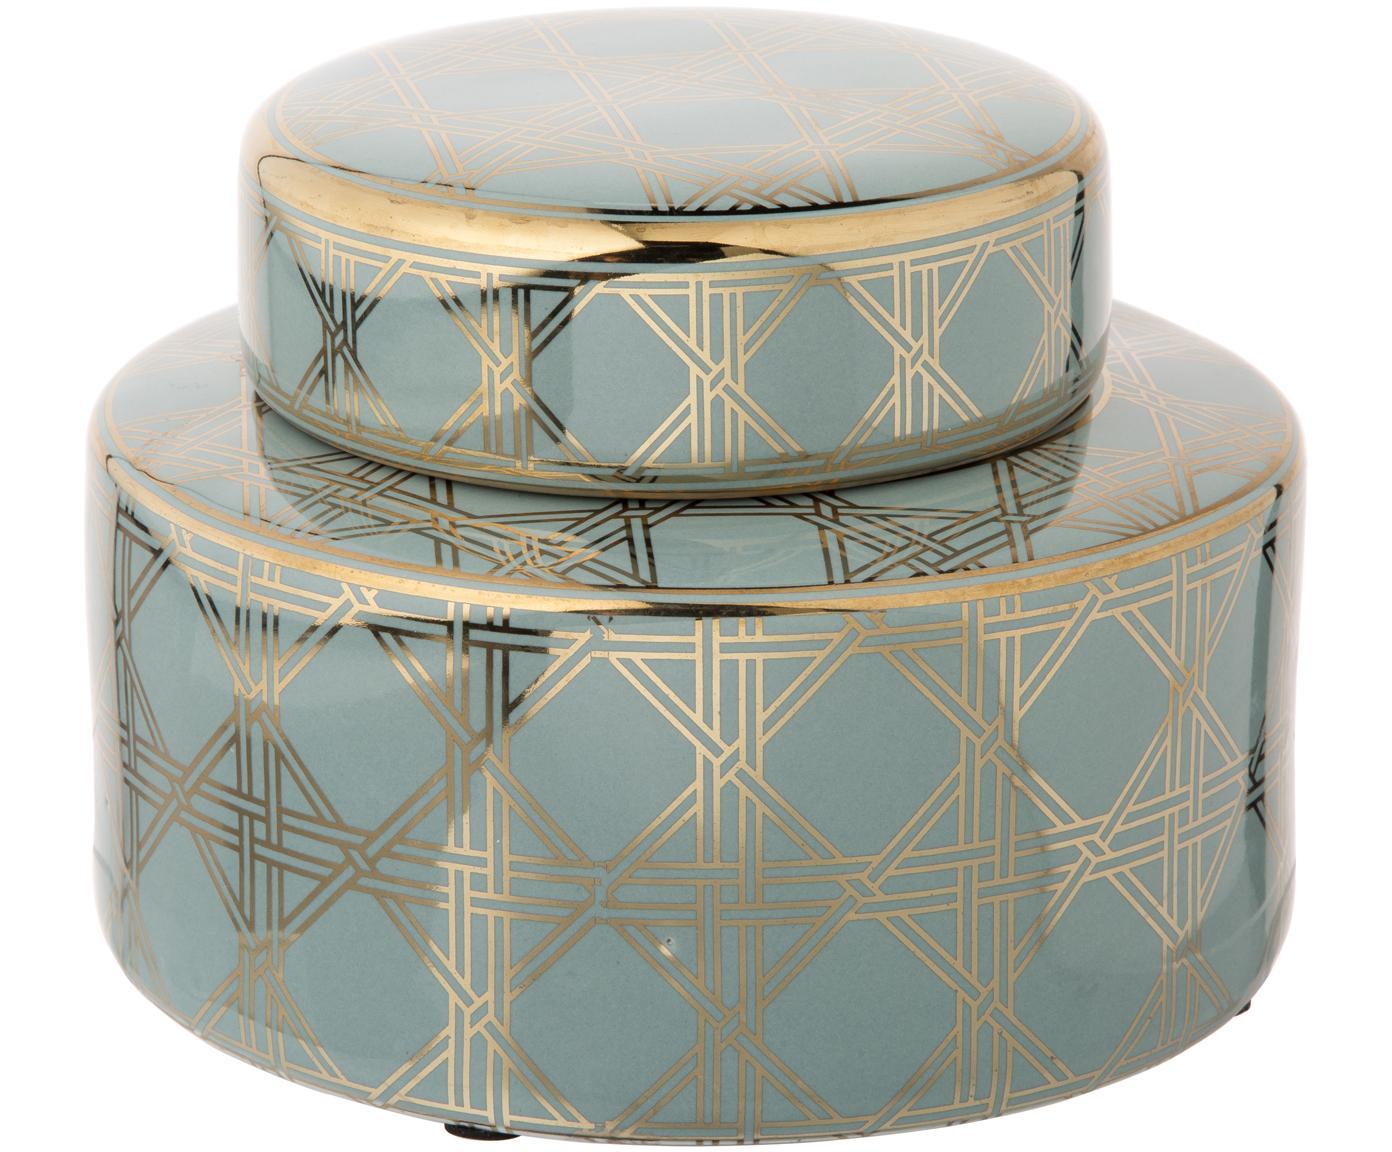 Vaso con coperchio in porcellana Egypt, Porcellana, Turchese, dorato, Ø 23 x Alt. 16 cm